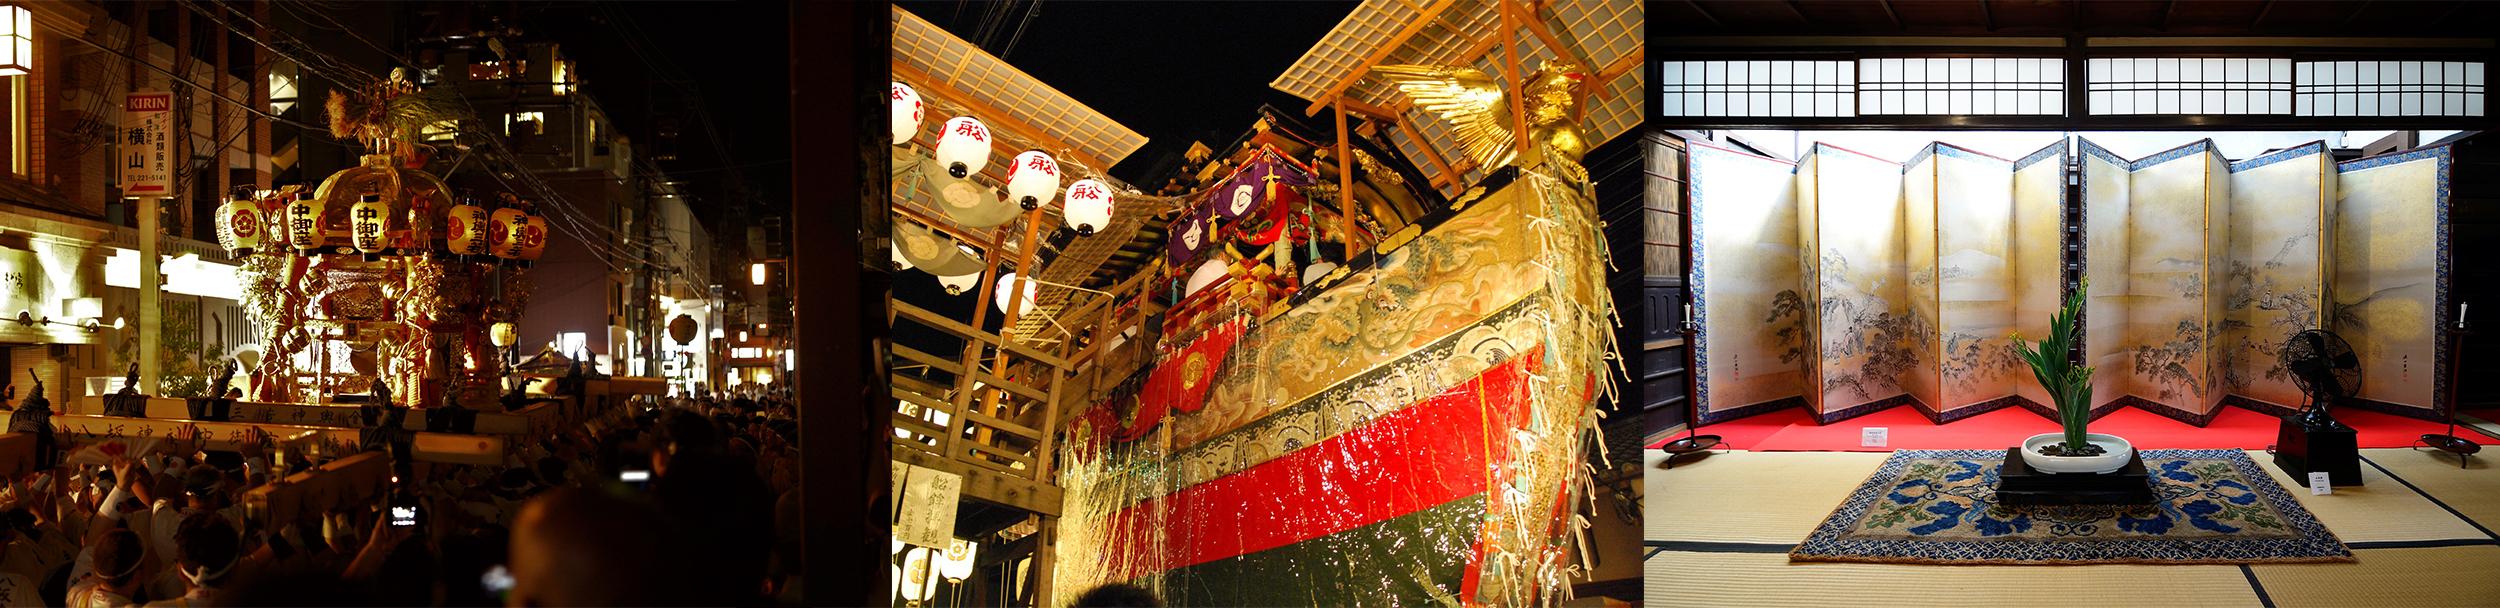 祇園祭デジタル・ミュージアム2020<br>-祇園祭の過去・現在・未来-